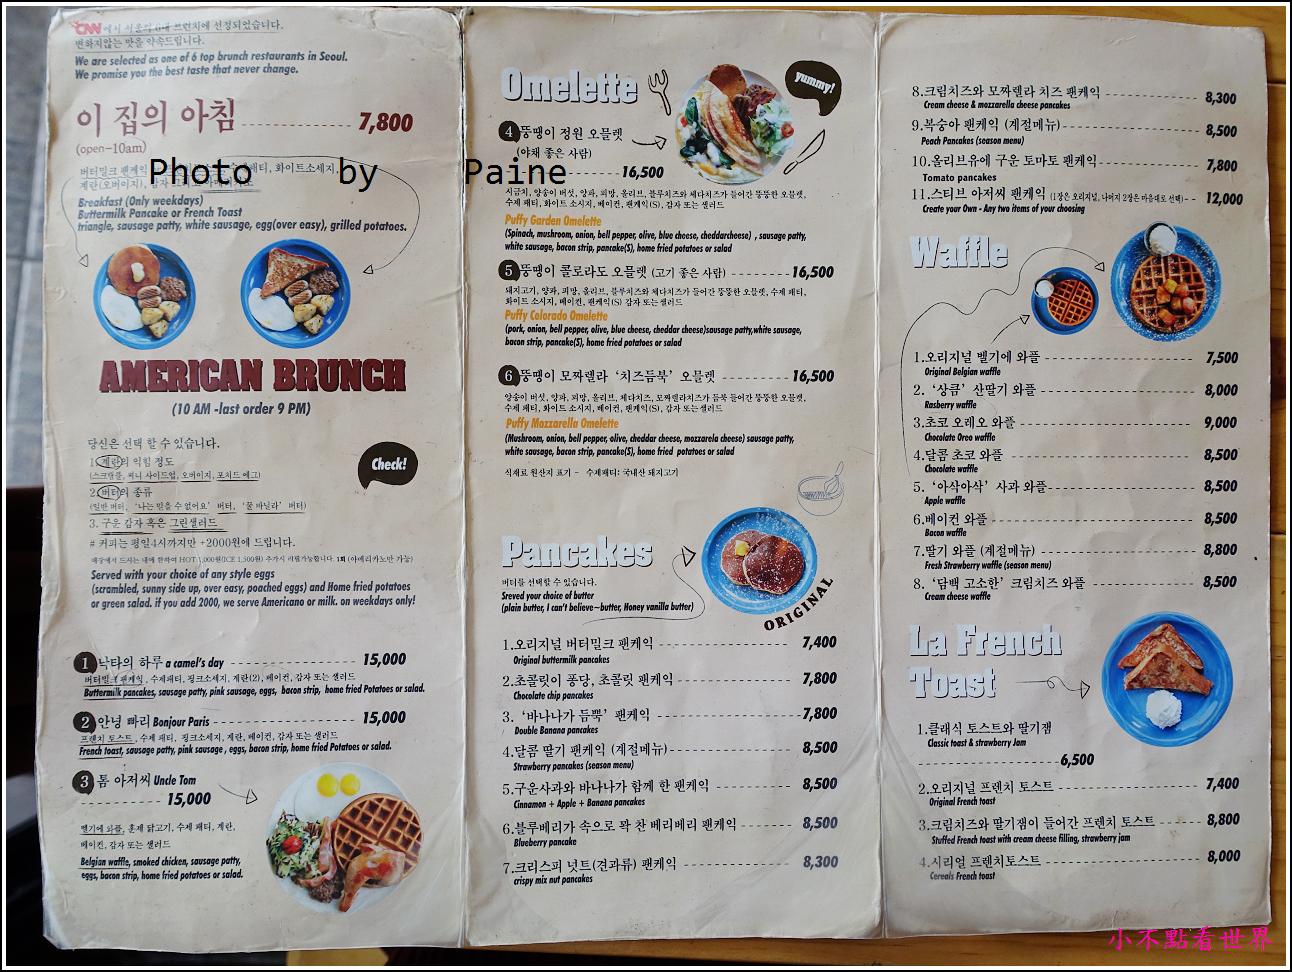 漢南洞pancake original story (2).JPG